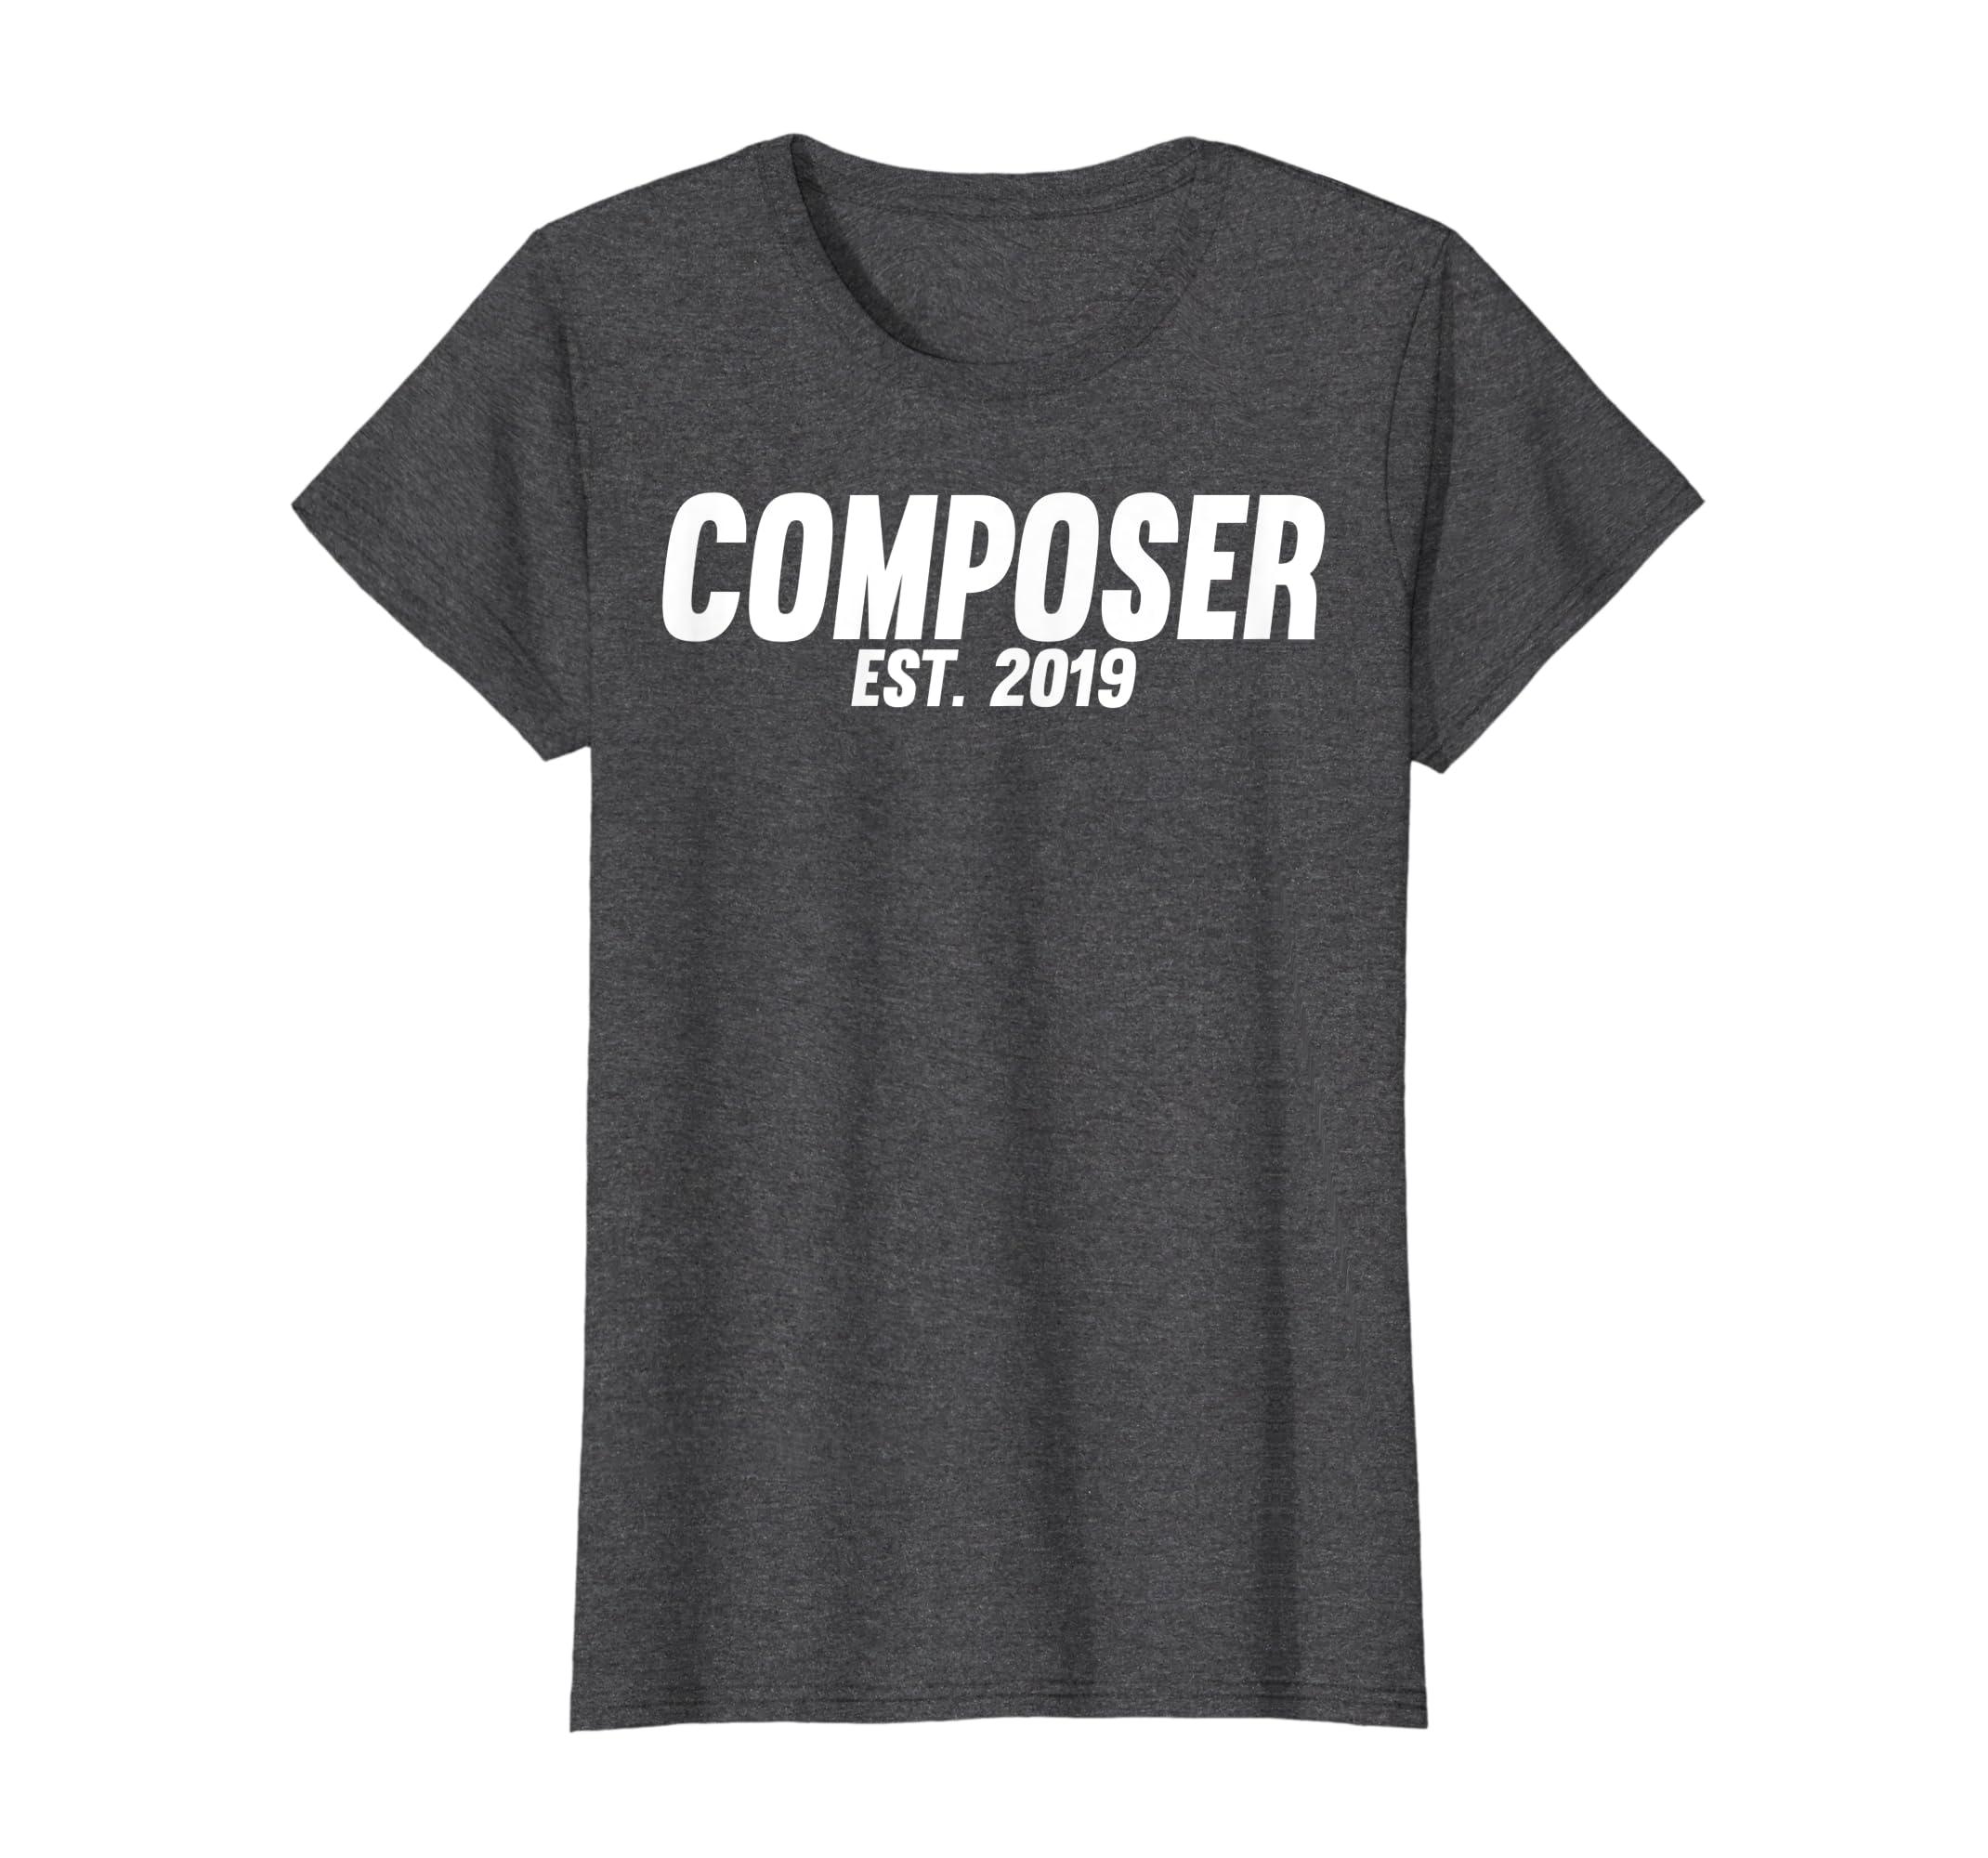 Amazon com: Composer est 2019 Shirt New Composer Gift: Clothing